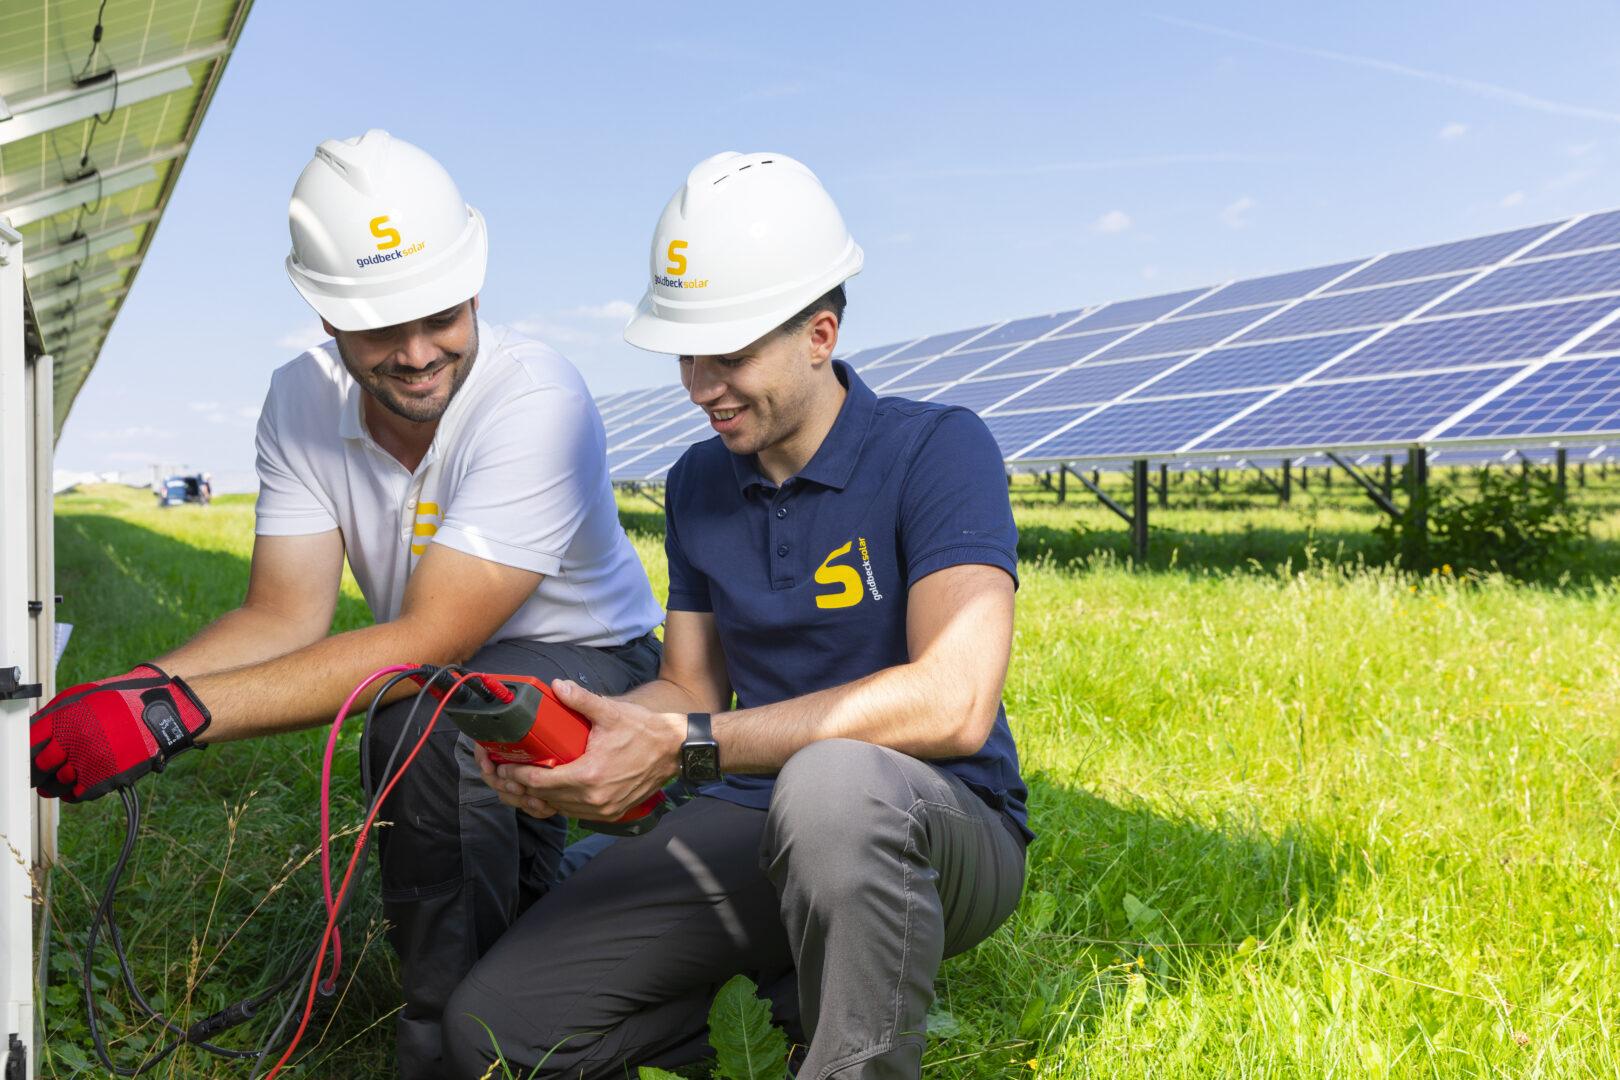 Zwei Mitarbeiter des O&M-Teams von Goldbeck Solar beim Prüfen einer Solaranlage. Die Person links trägt ein weißes Shirt, die Person rechts ein blaues Shirt mit Goldbeck-Solar-Logo. Beide tragen Helme.,